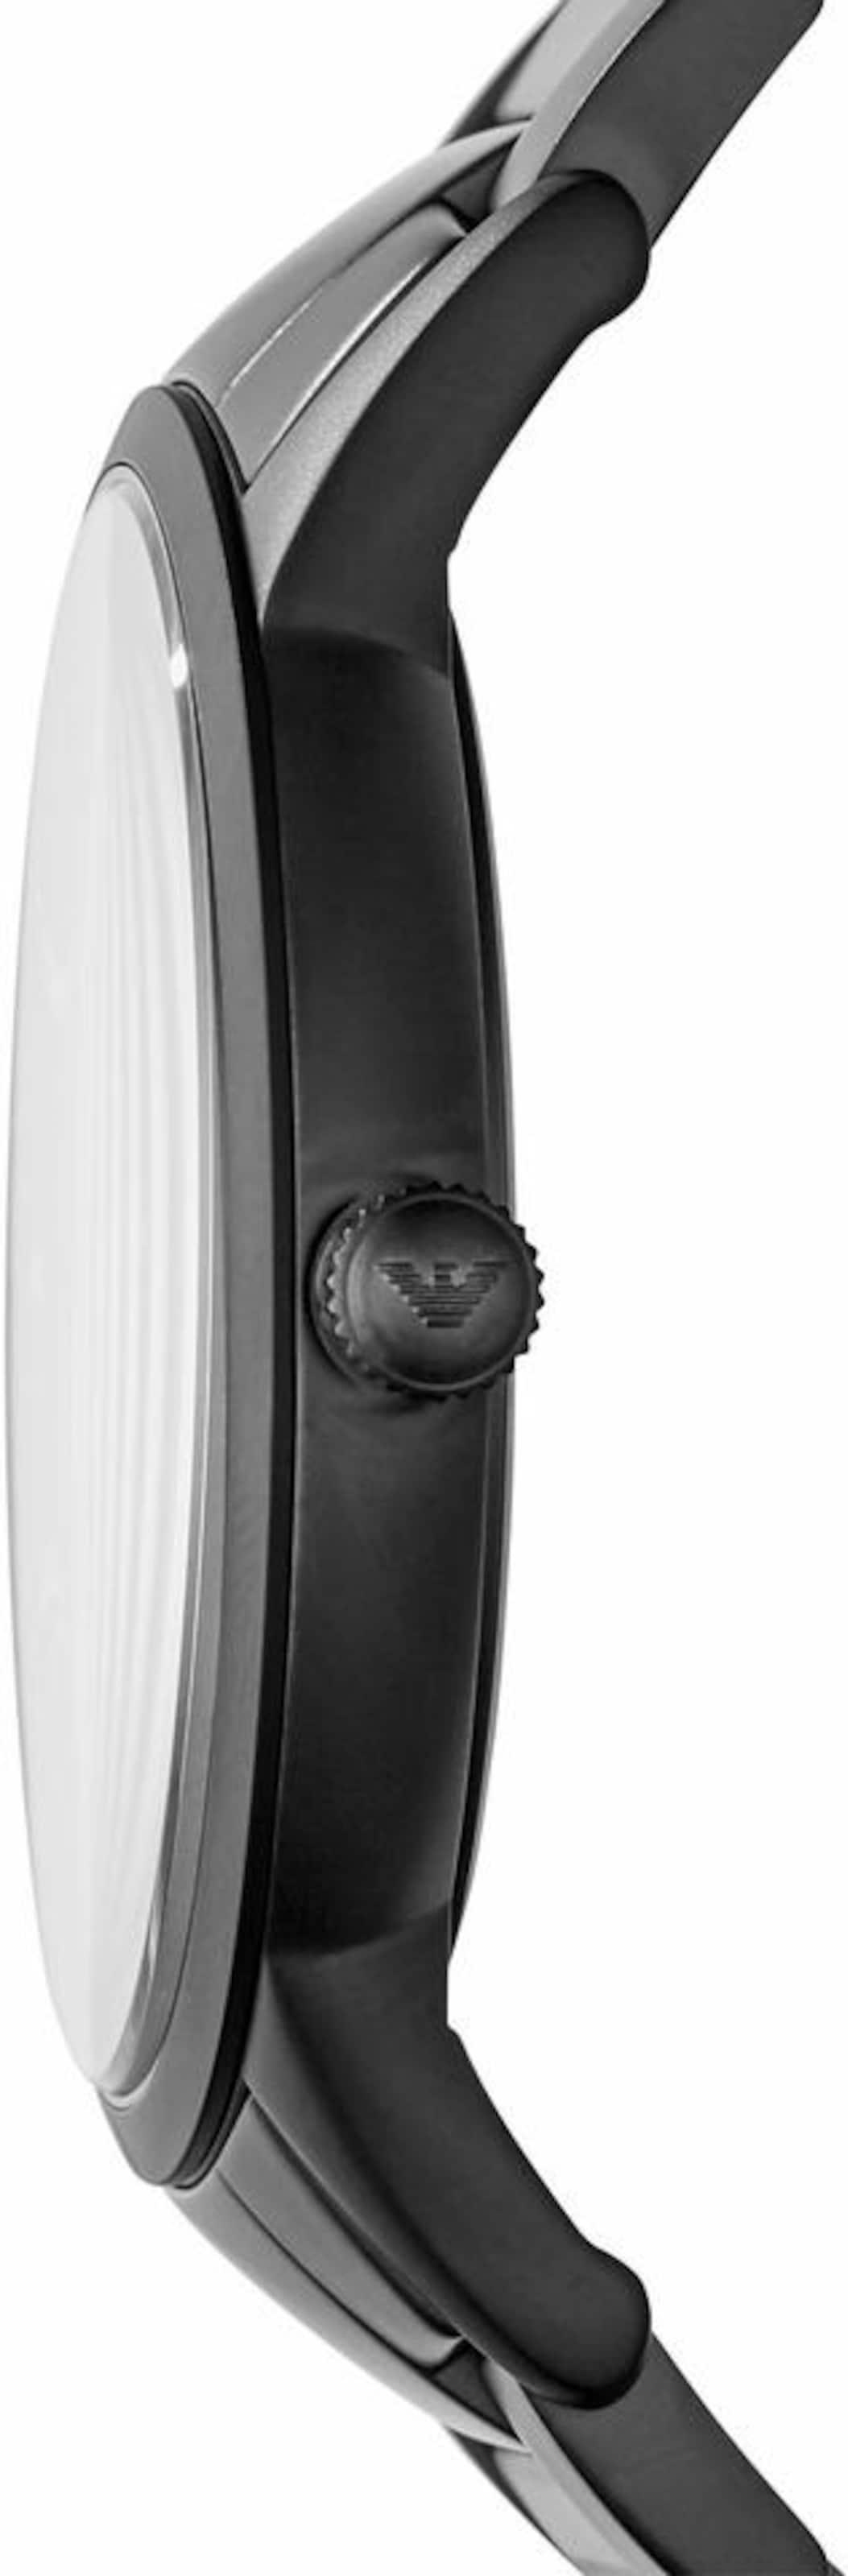 Emporio Armani Quarzuhr 'AR11079' Verkauf Am Besten Spielraum 2018 Größte Anbieter Günstiger Preis 08n8n